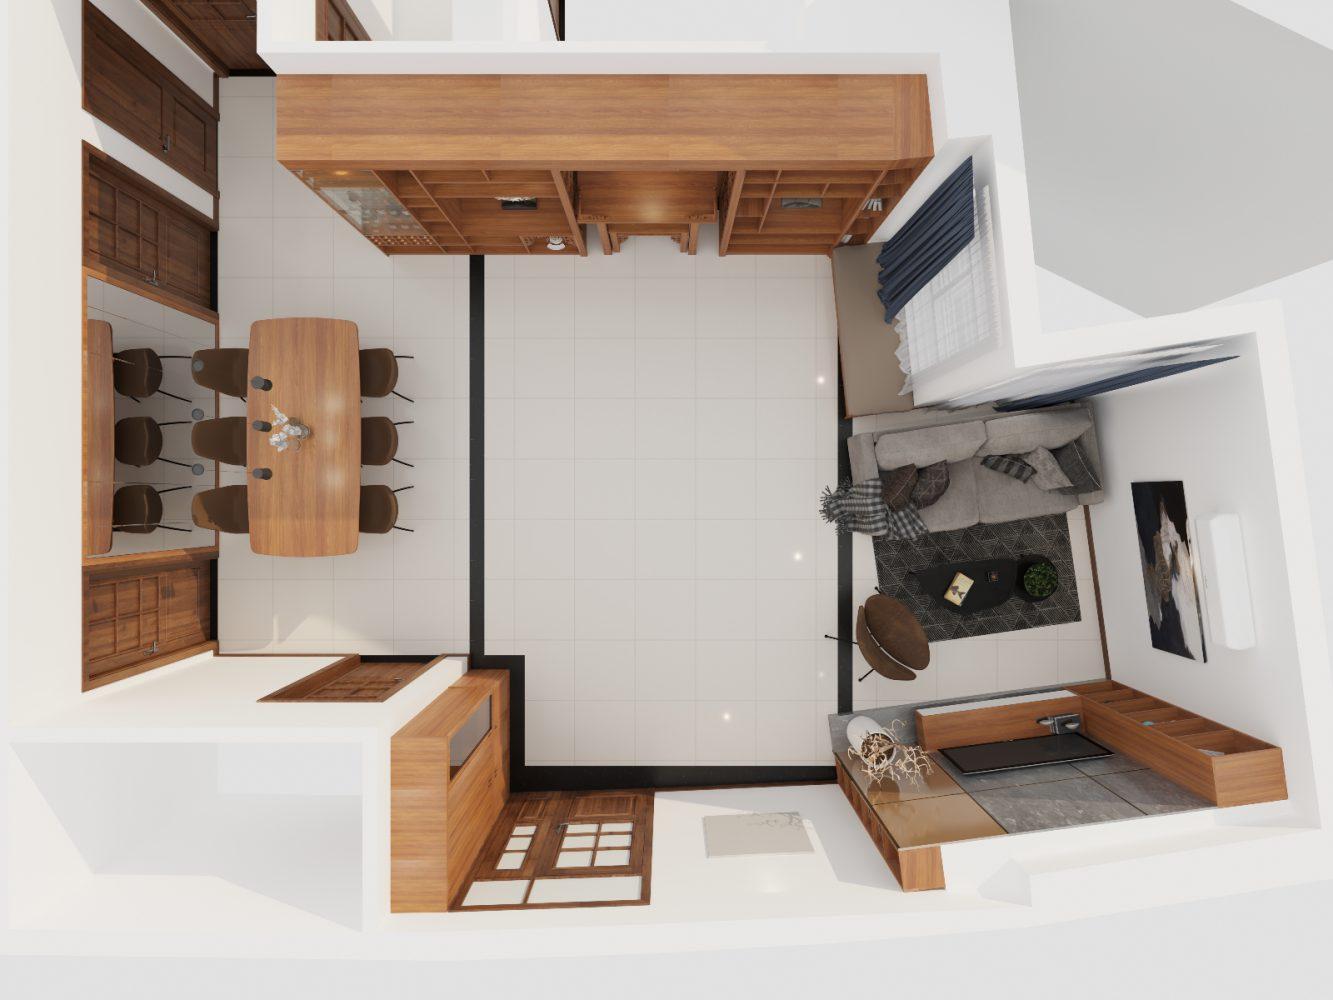 Thiết kế nội thất căn hộ 3 phòng ngủ - 01